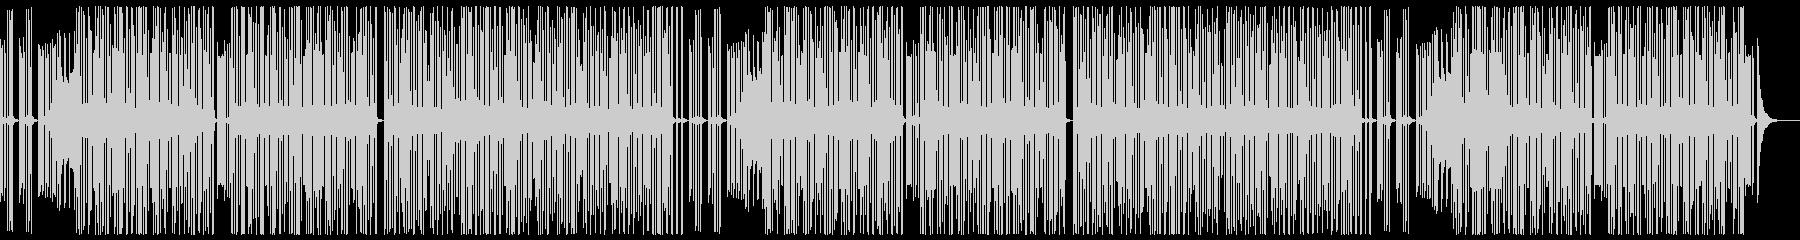 3分クッキングっぽい曲の未再生の波形